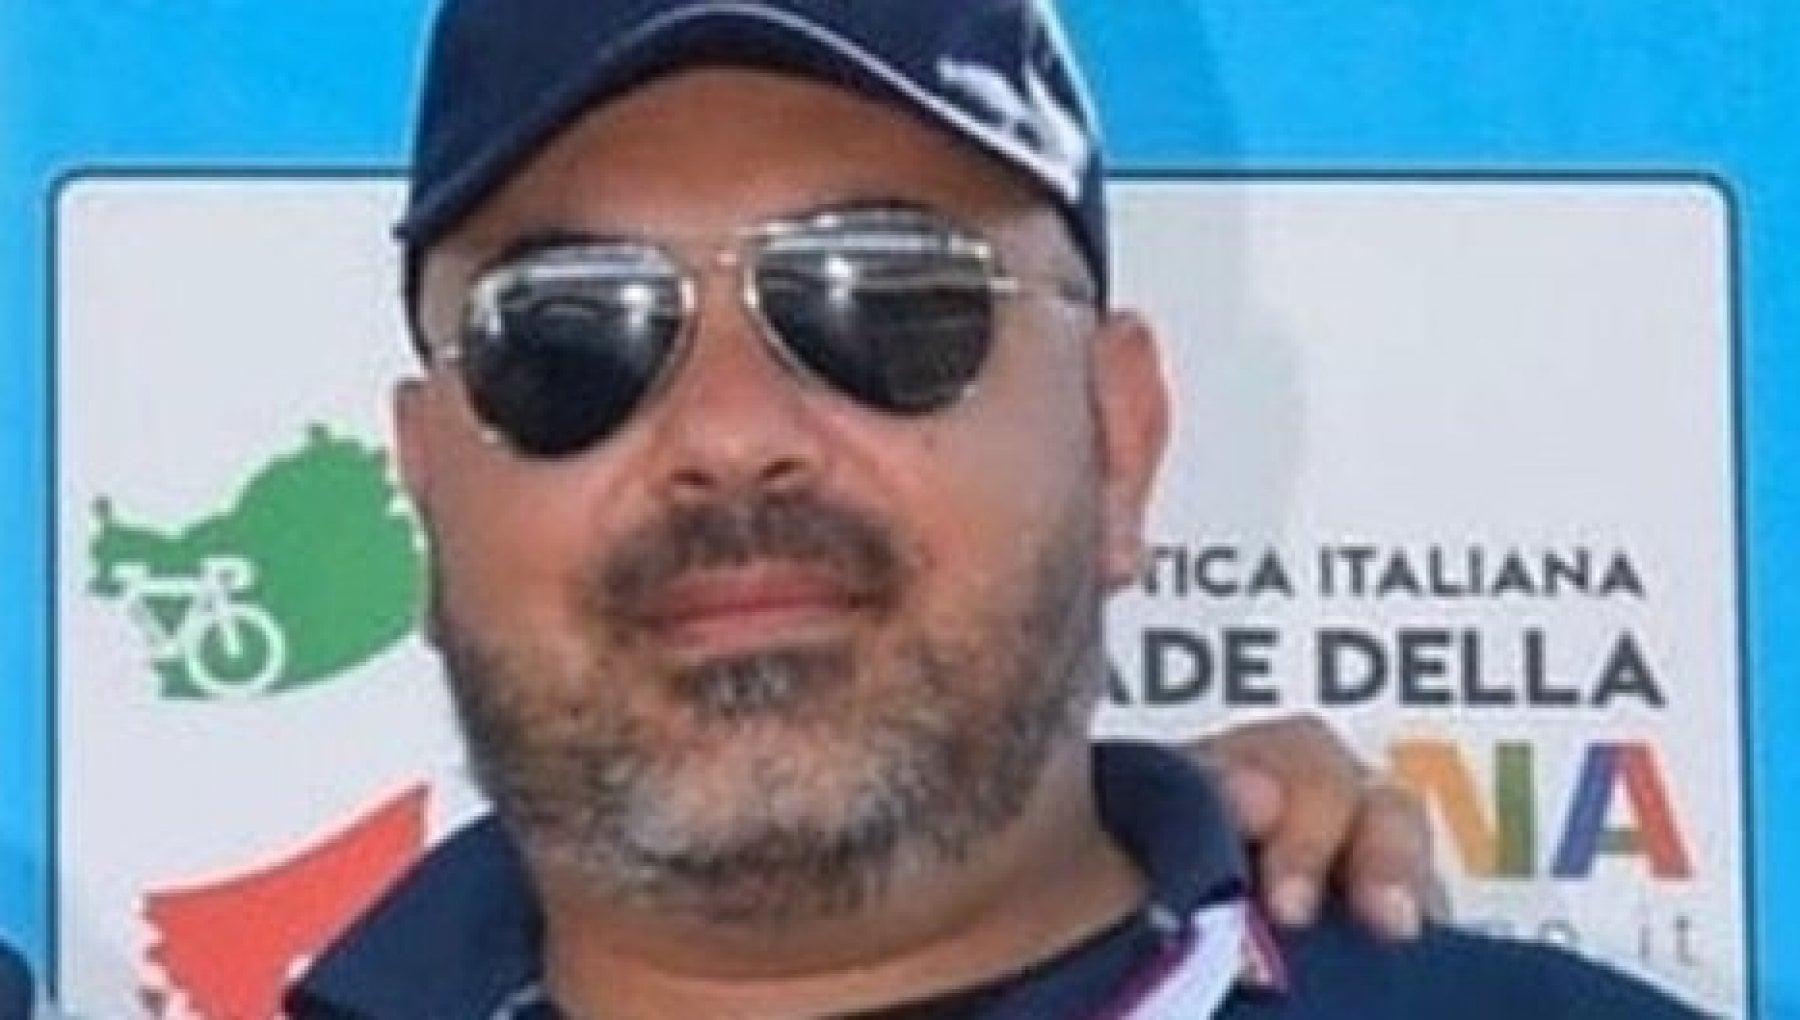 Marino, il poliziotto morto nel Nuorese per aiutare un automobilista: nelle ultime parole il senso del dovere